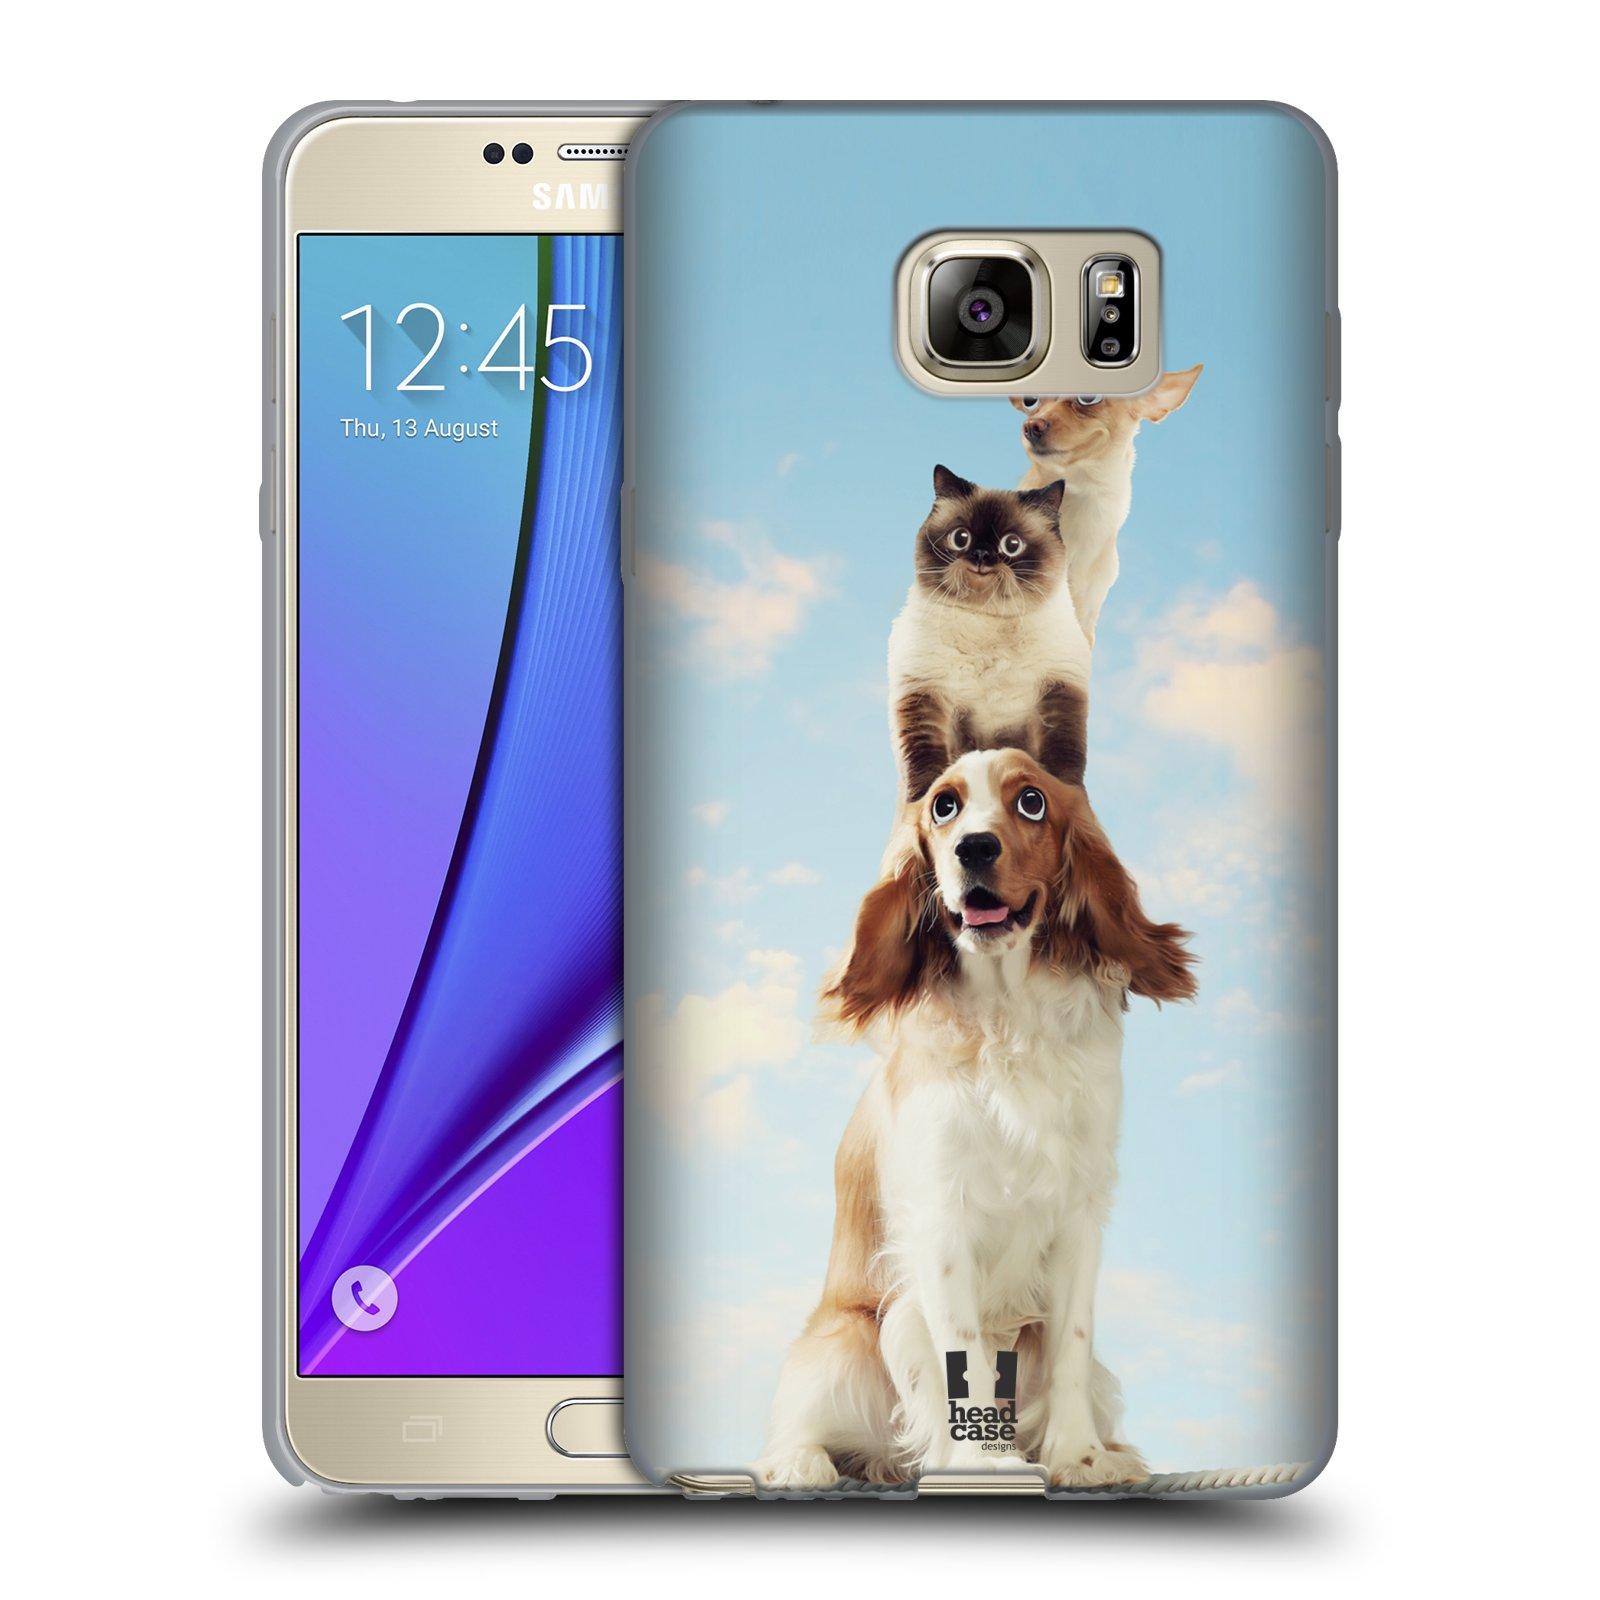 HEAD CASE silikonový obal na mobil Samsung Galaxy Note 5 (N920) vzor Legrační zvířátka zvířecí totem